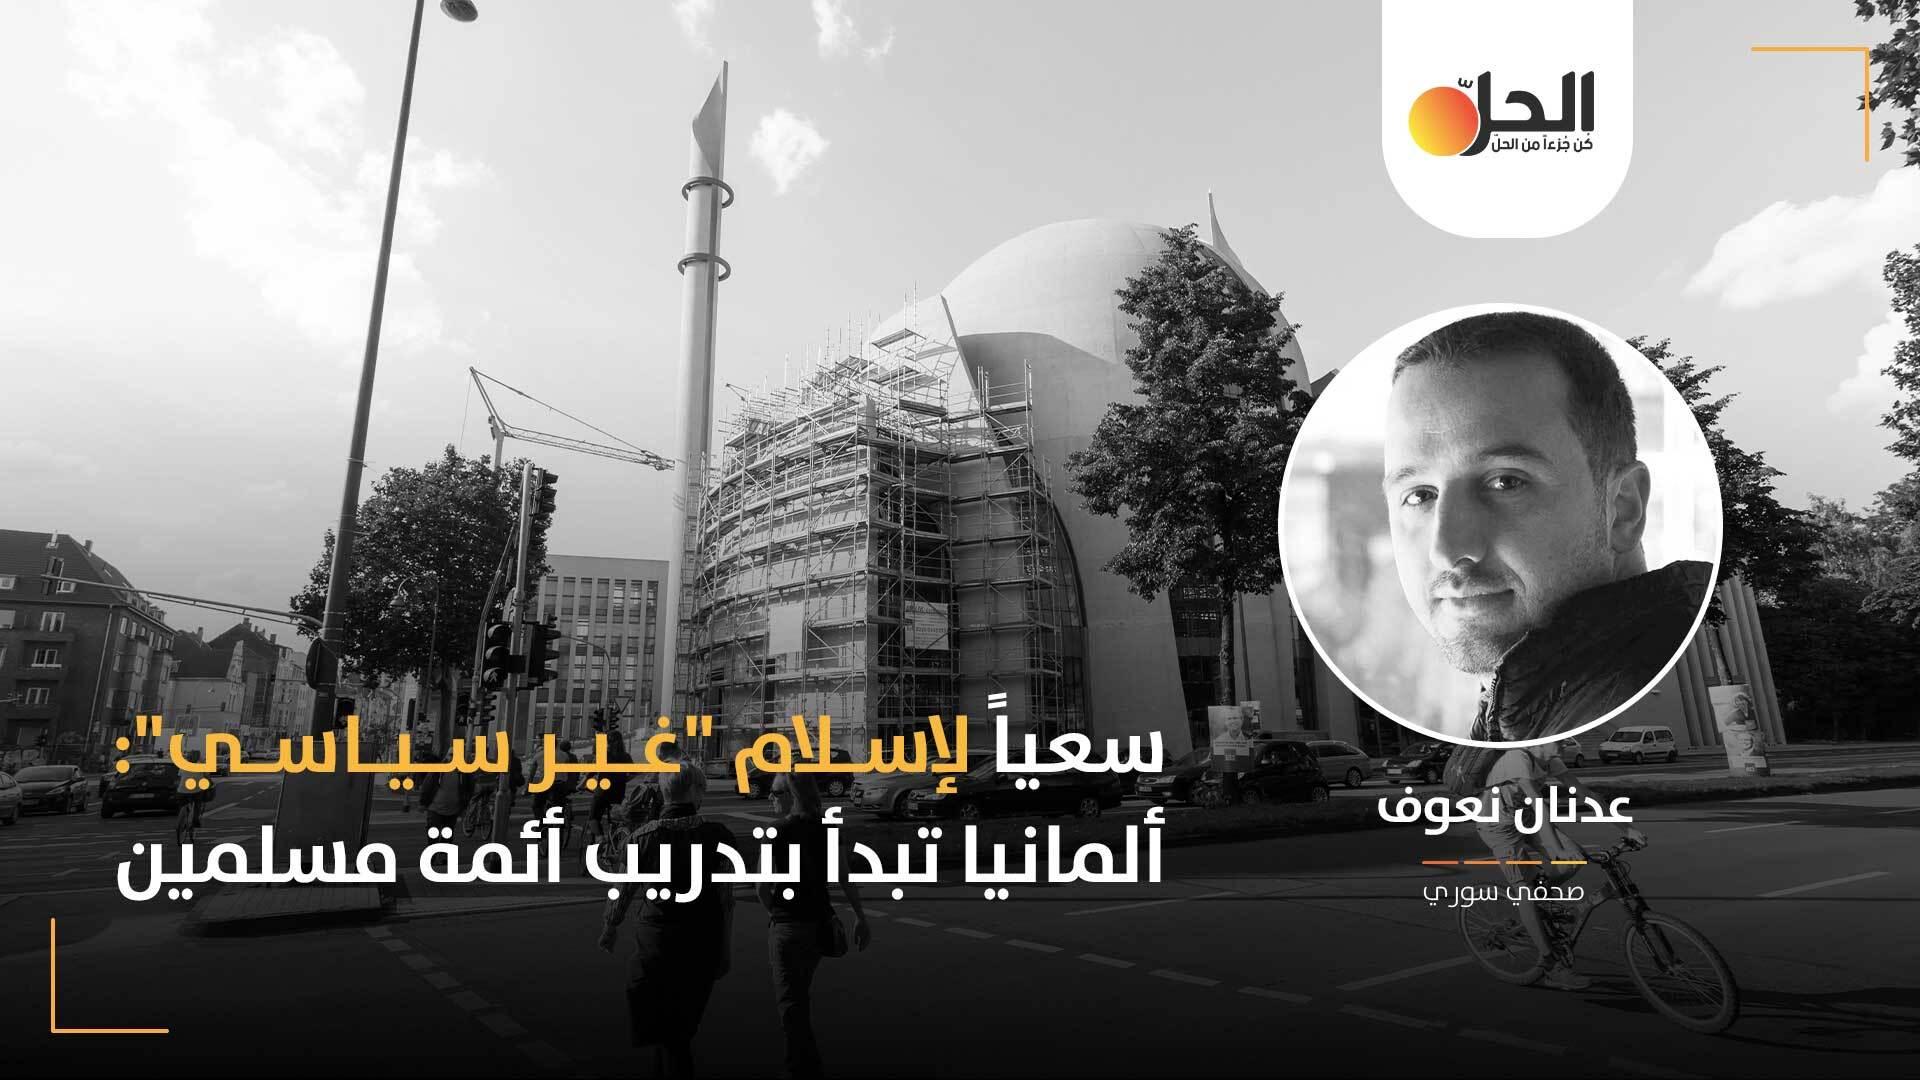 """الباحث الإسلامي """"مهند خورشيد"""" لـ«الحل نت»: ألمانيا لا تريد مساجد تابعة للإخوان المسلمين، وأئمة متعاونين مع الاستخبارات التركية"""